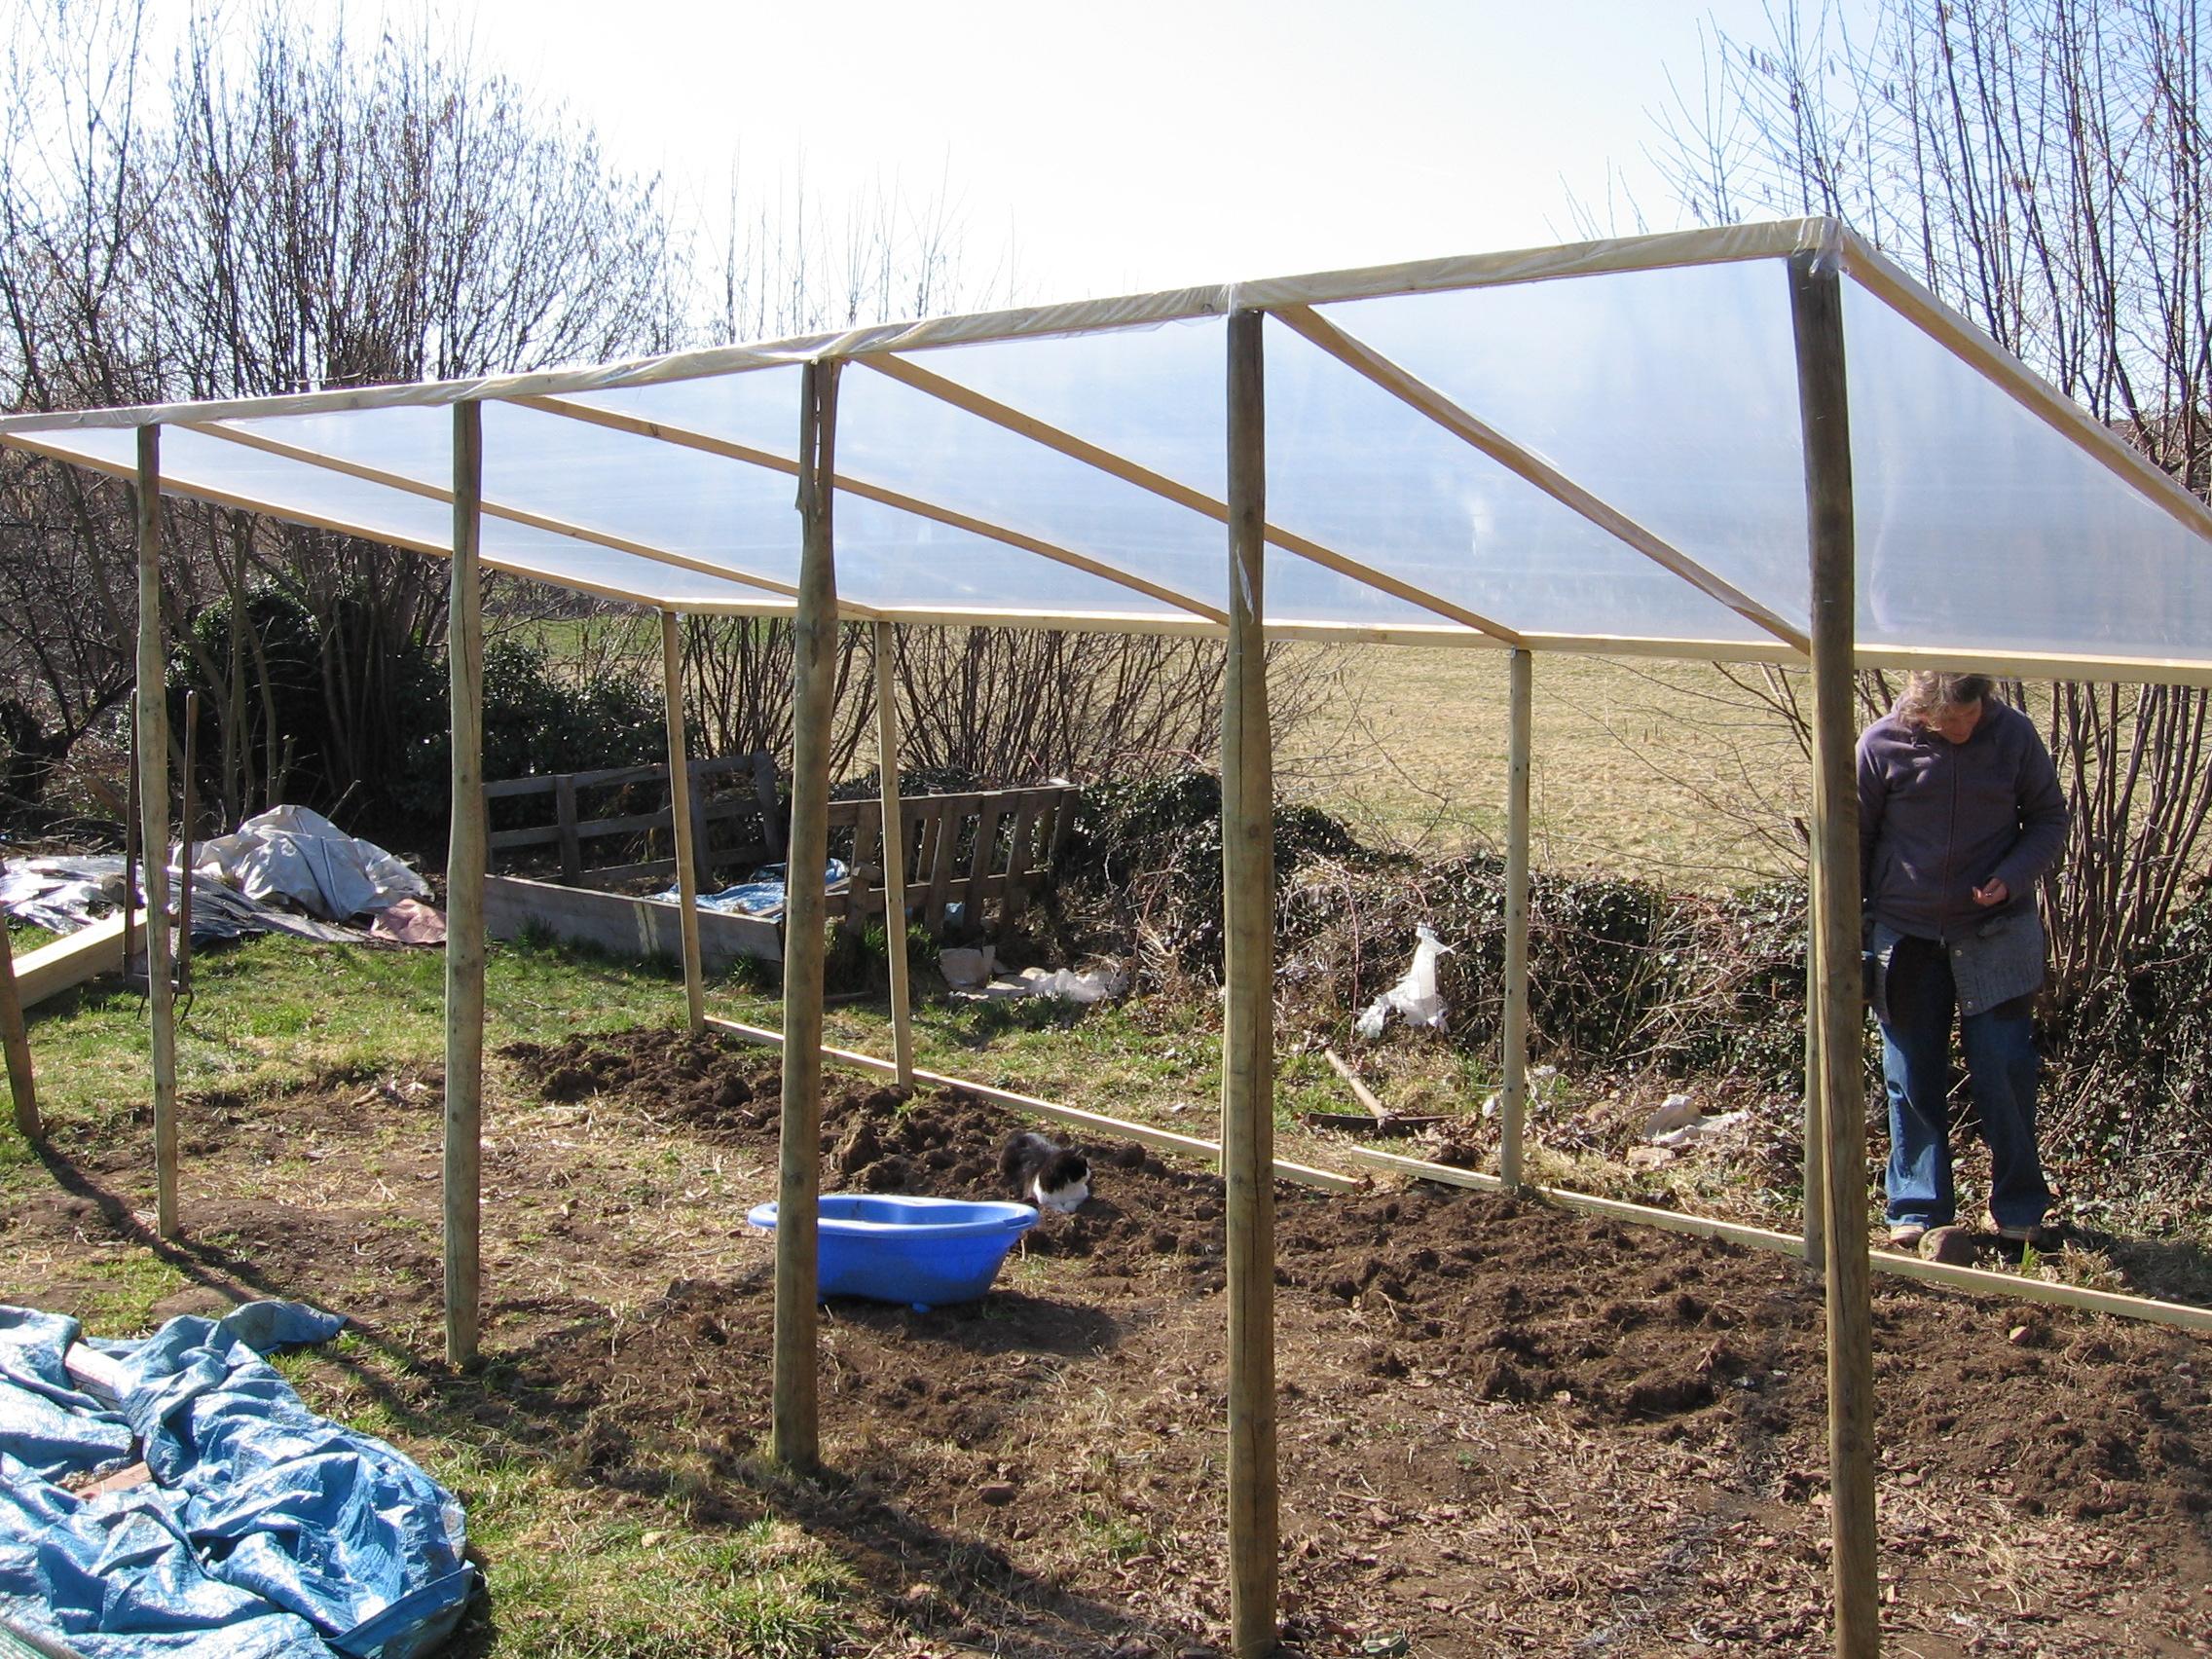 Comment Construire Une Serre Pas Chère Dans Son Jardin | Le ... destiné Fabriquer Une Serre De Jardin Pas Cher